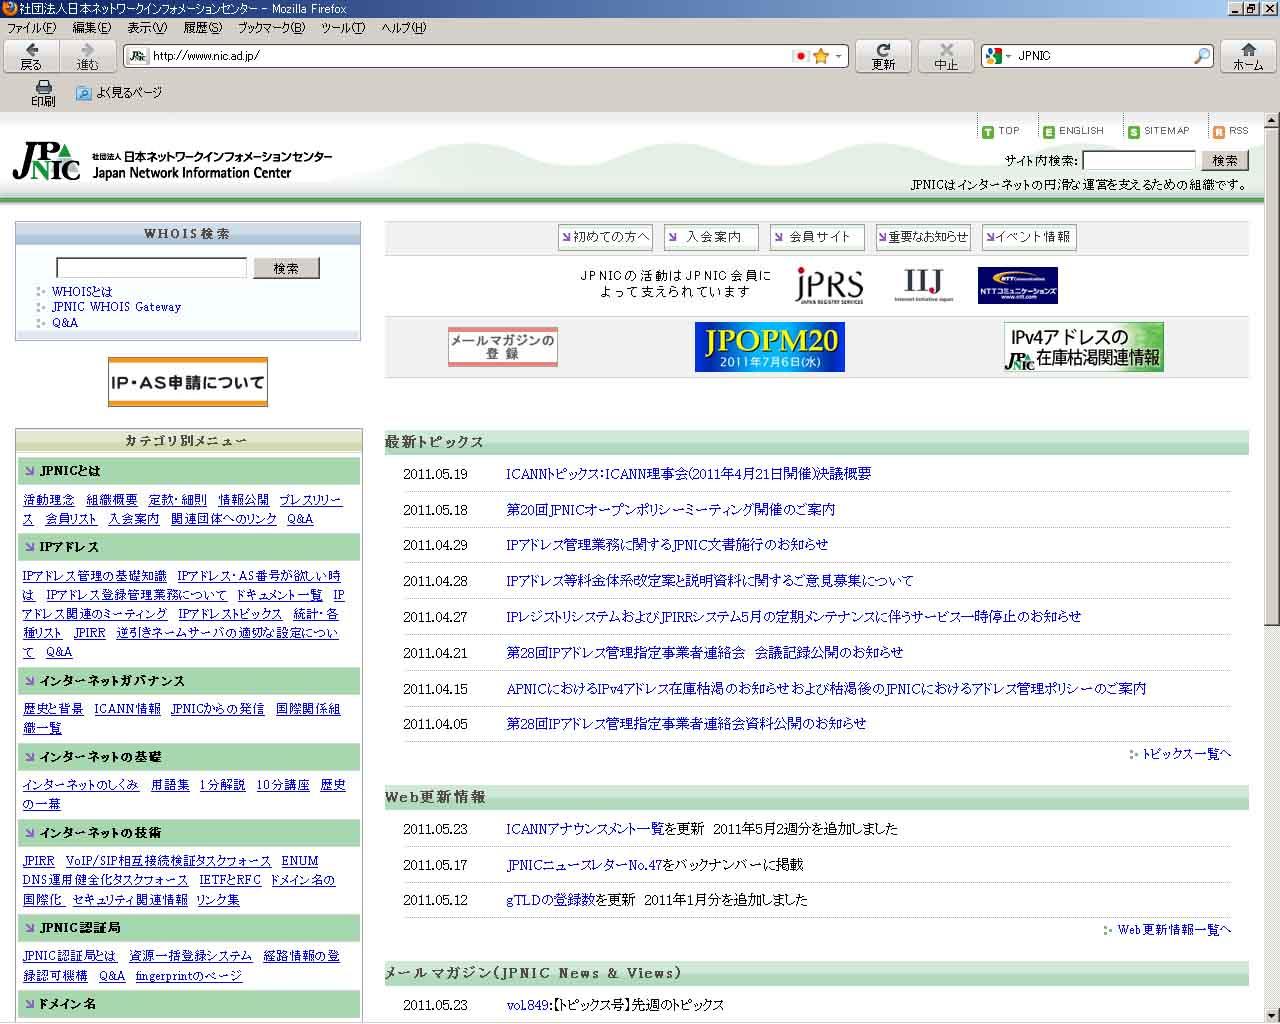 JPNIC.jpg